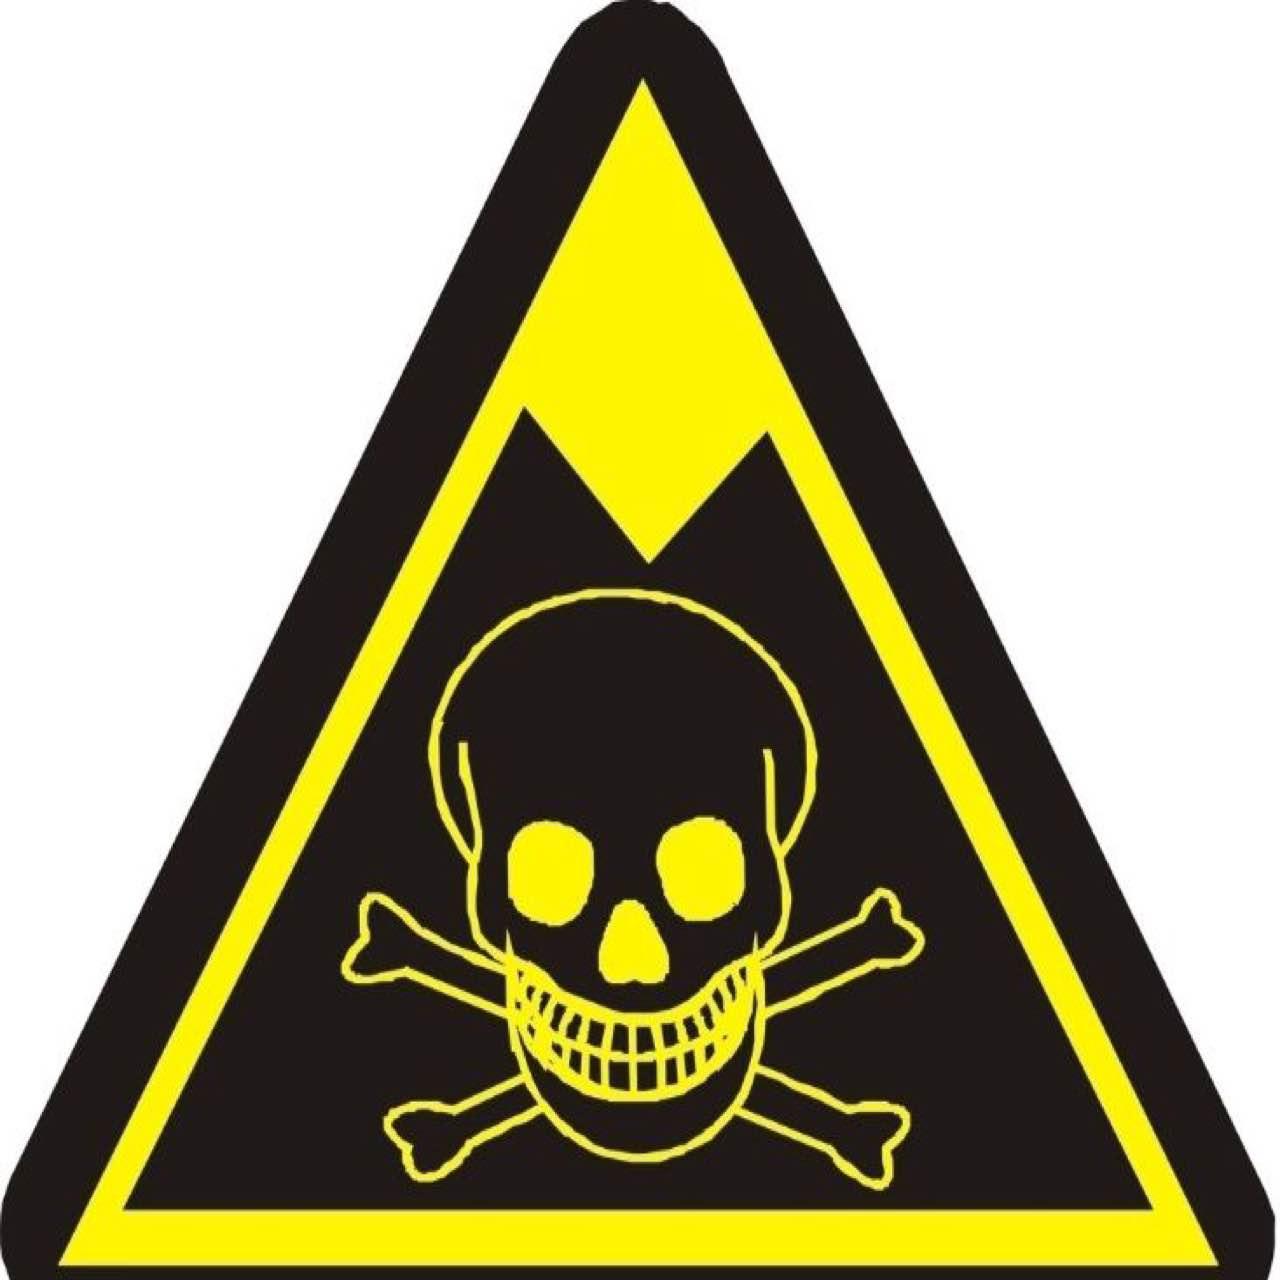 危险品运输 危险品海运 危险品出口